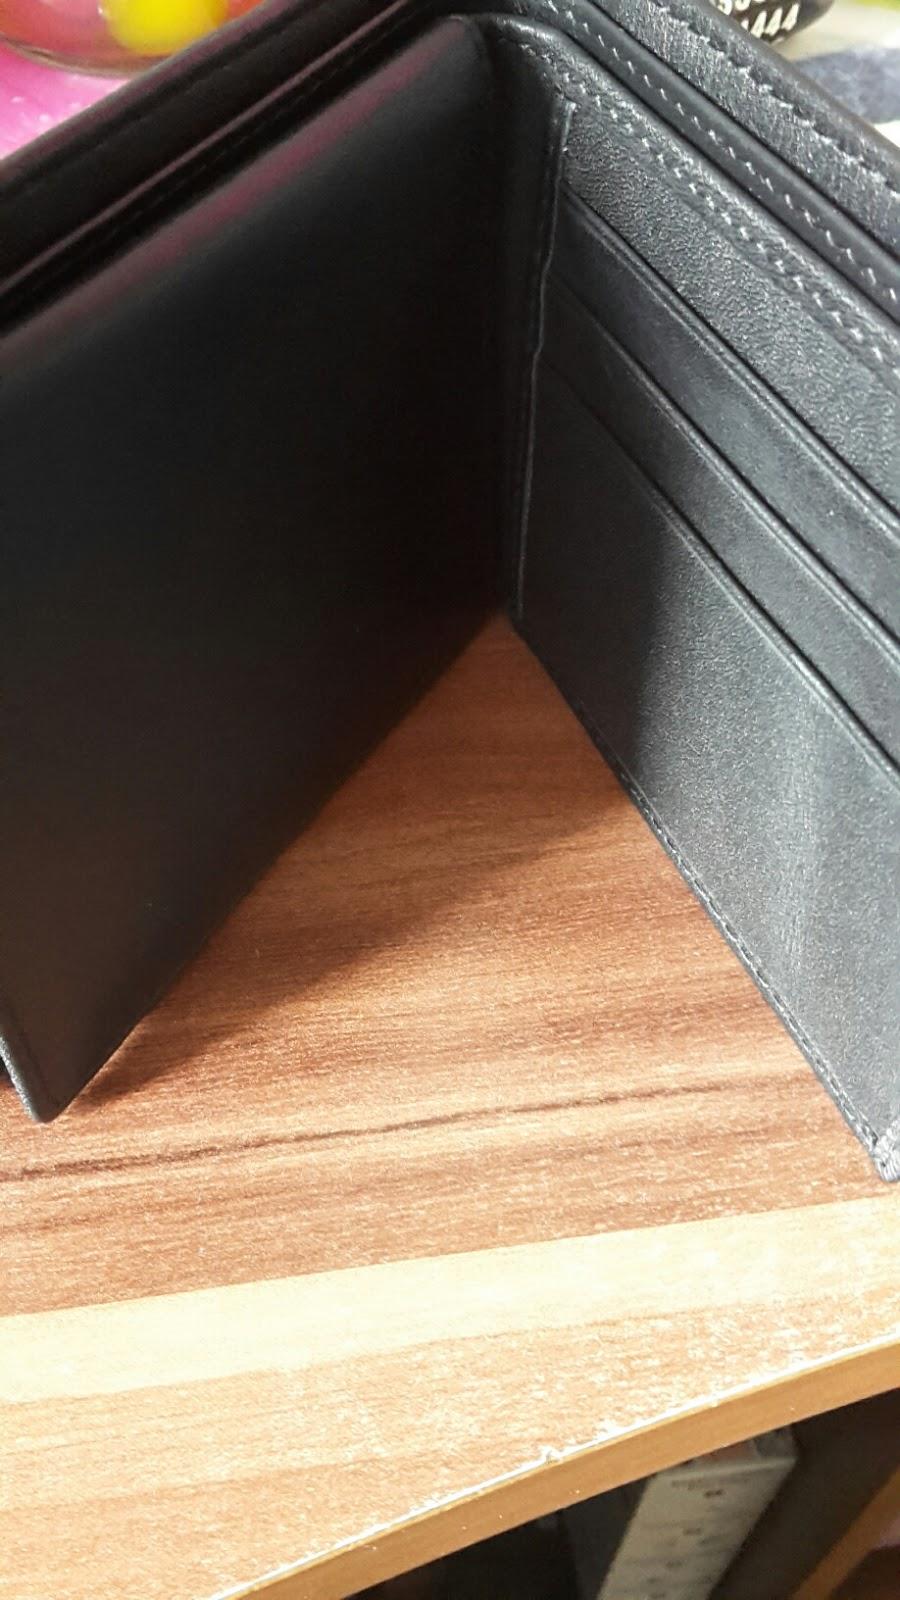 mona 39 s blog innootech brieftasche geldb rse herren portemonnaie geldbeutel mit echtem leder. Black Bedroom Furniture Sets. Home Design Ideas